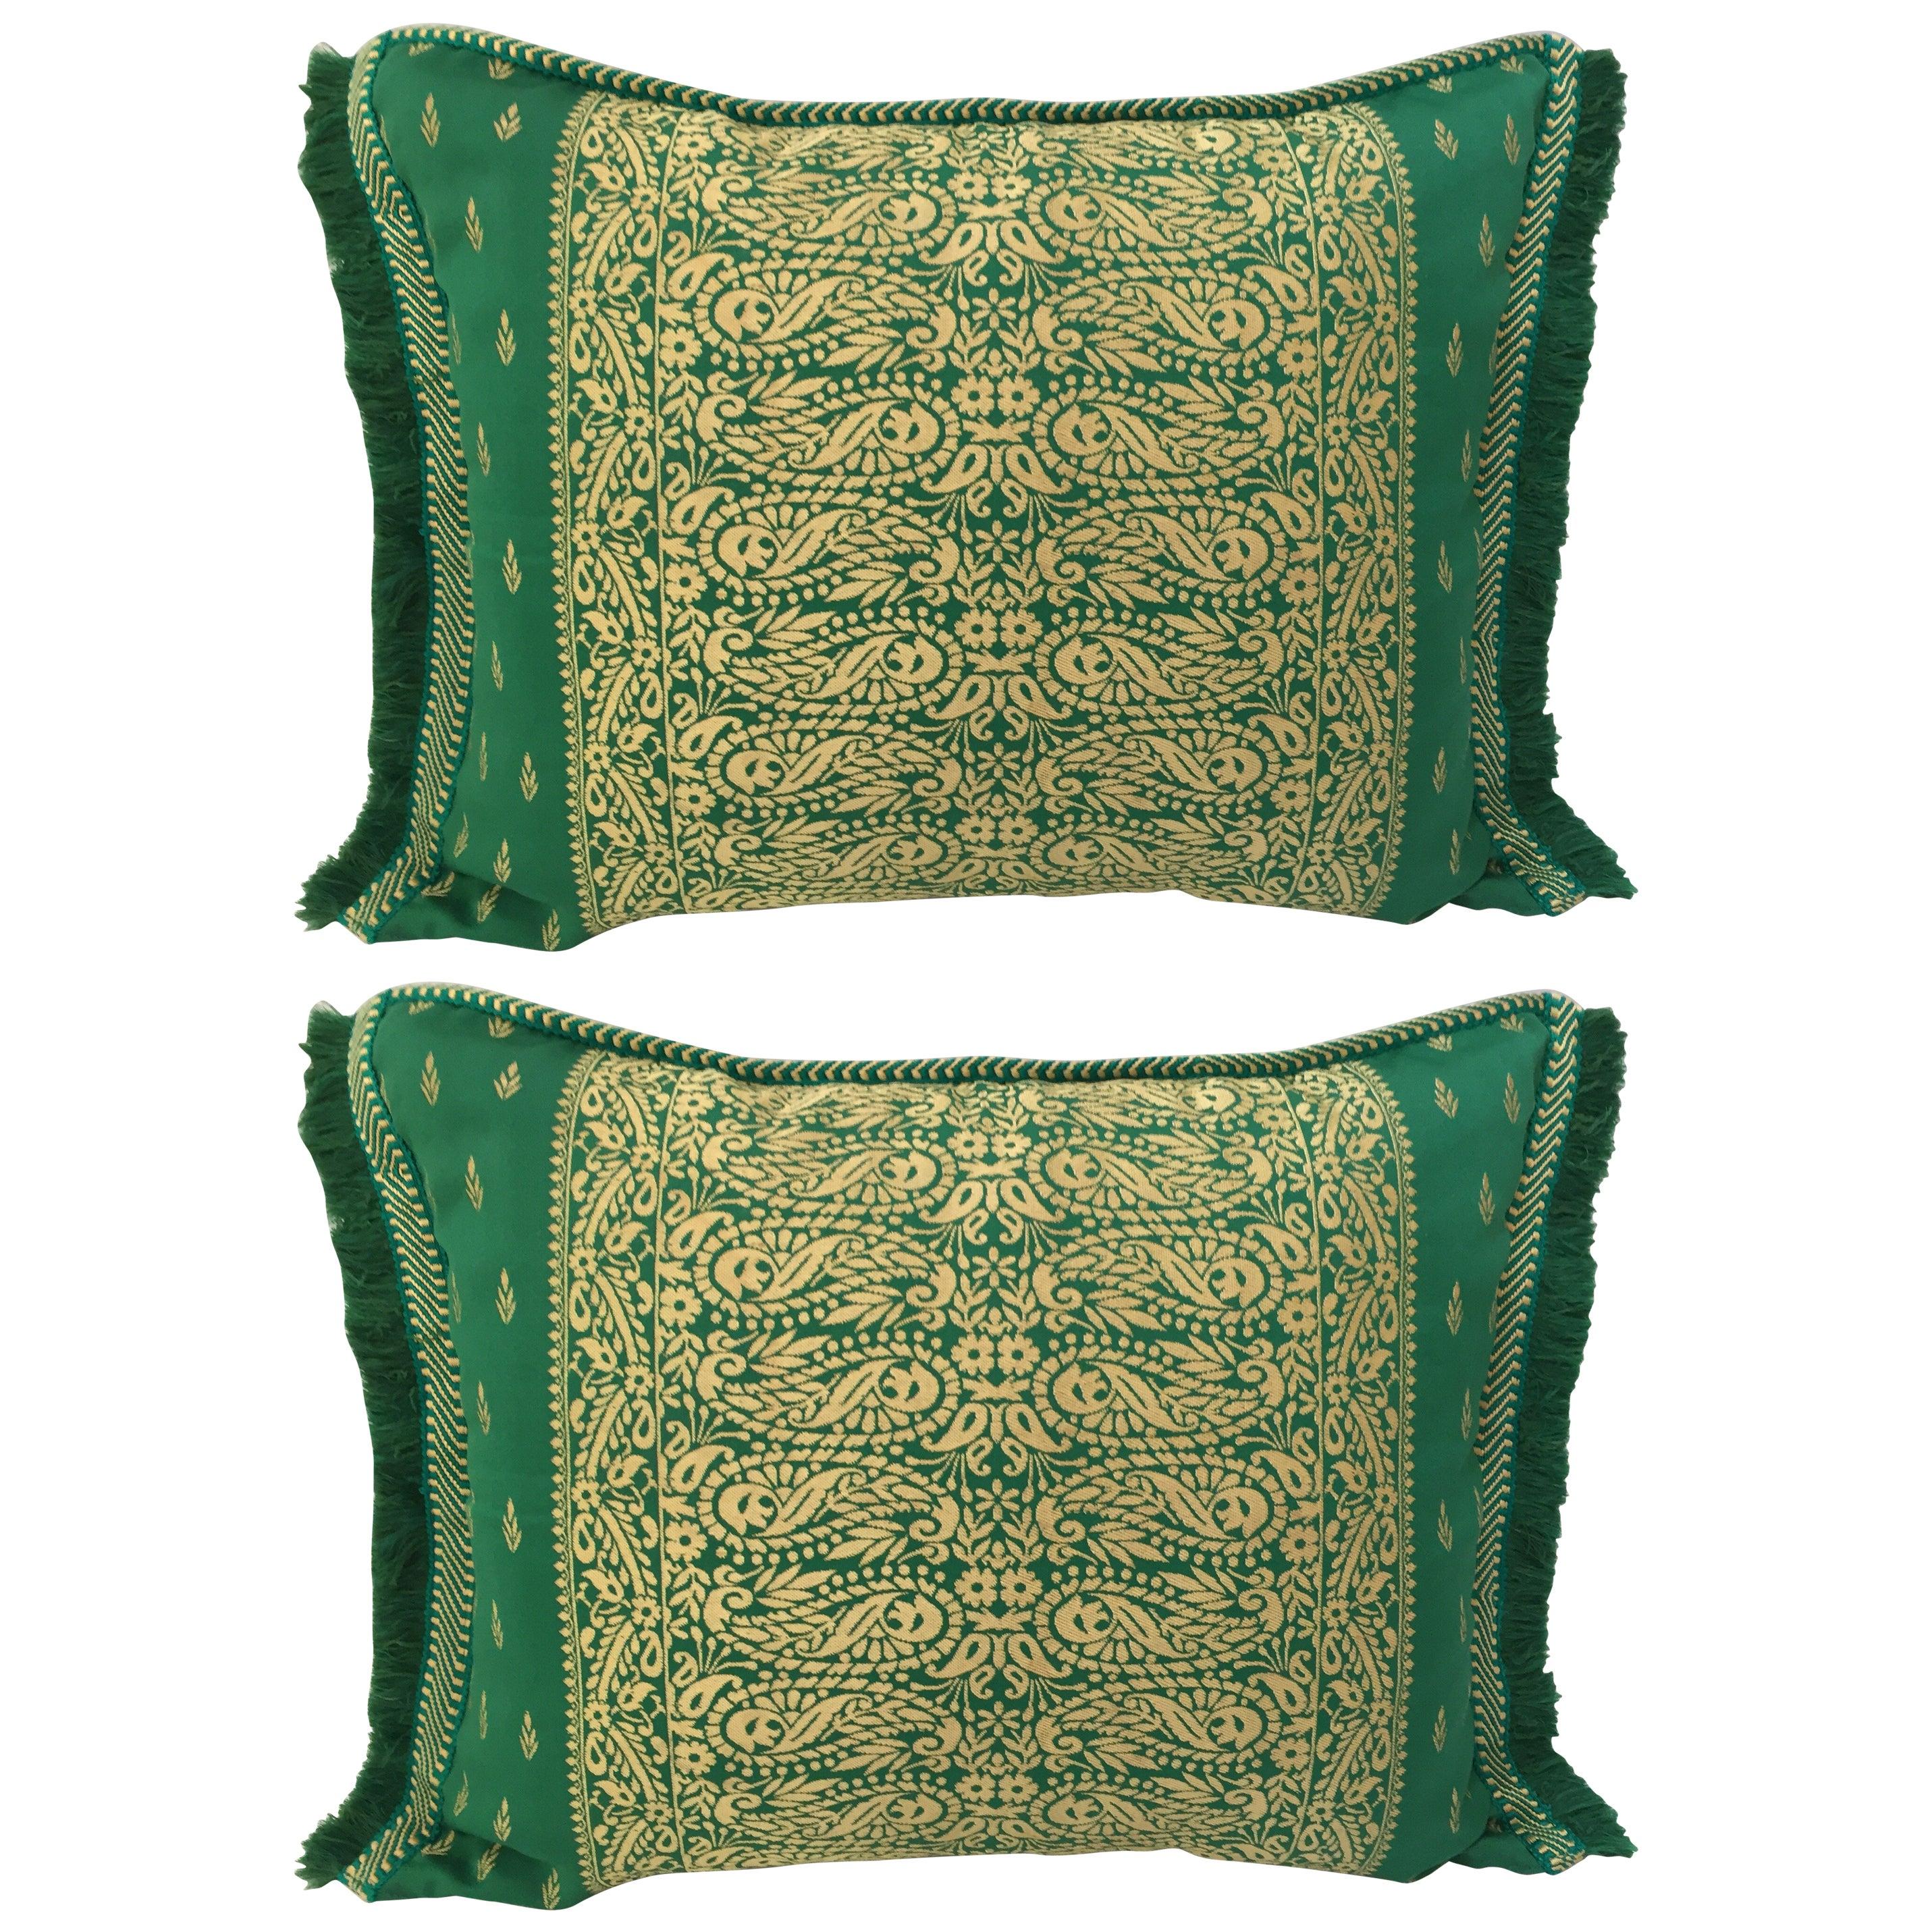 Large Pair of Moroccan Damask Green Bolster Lumbar Decorative Pillows